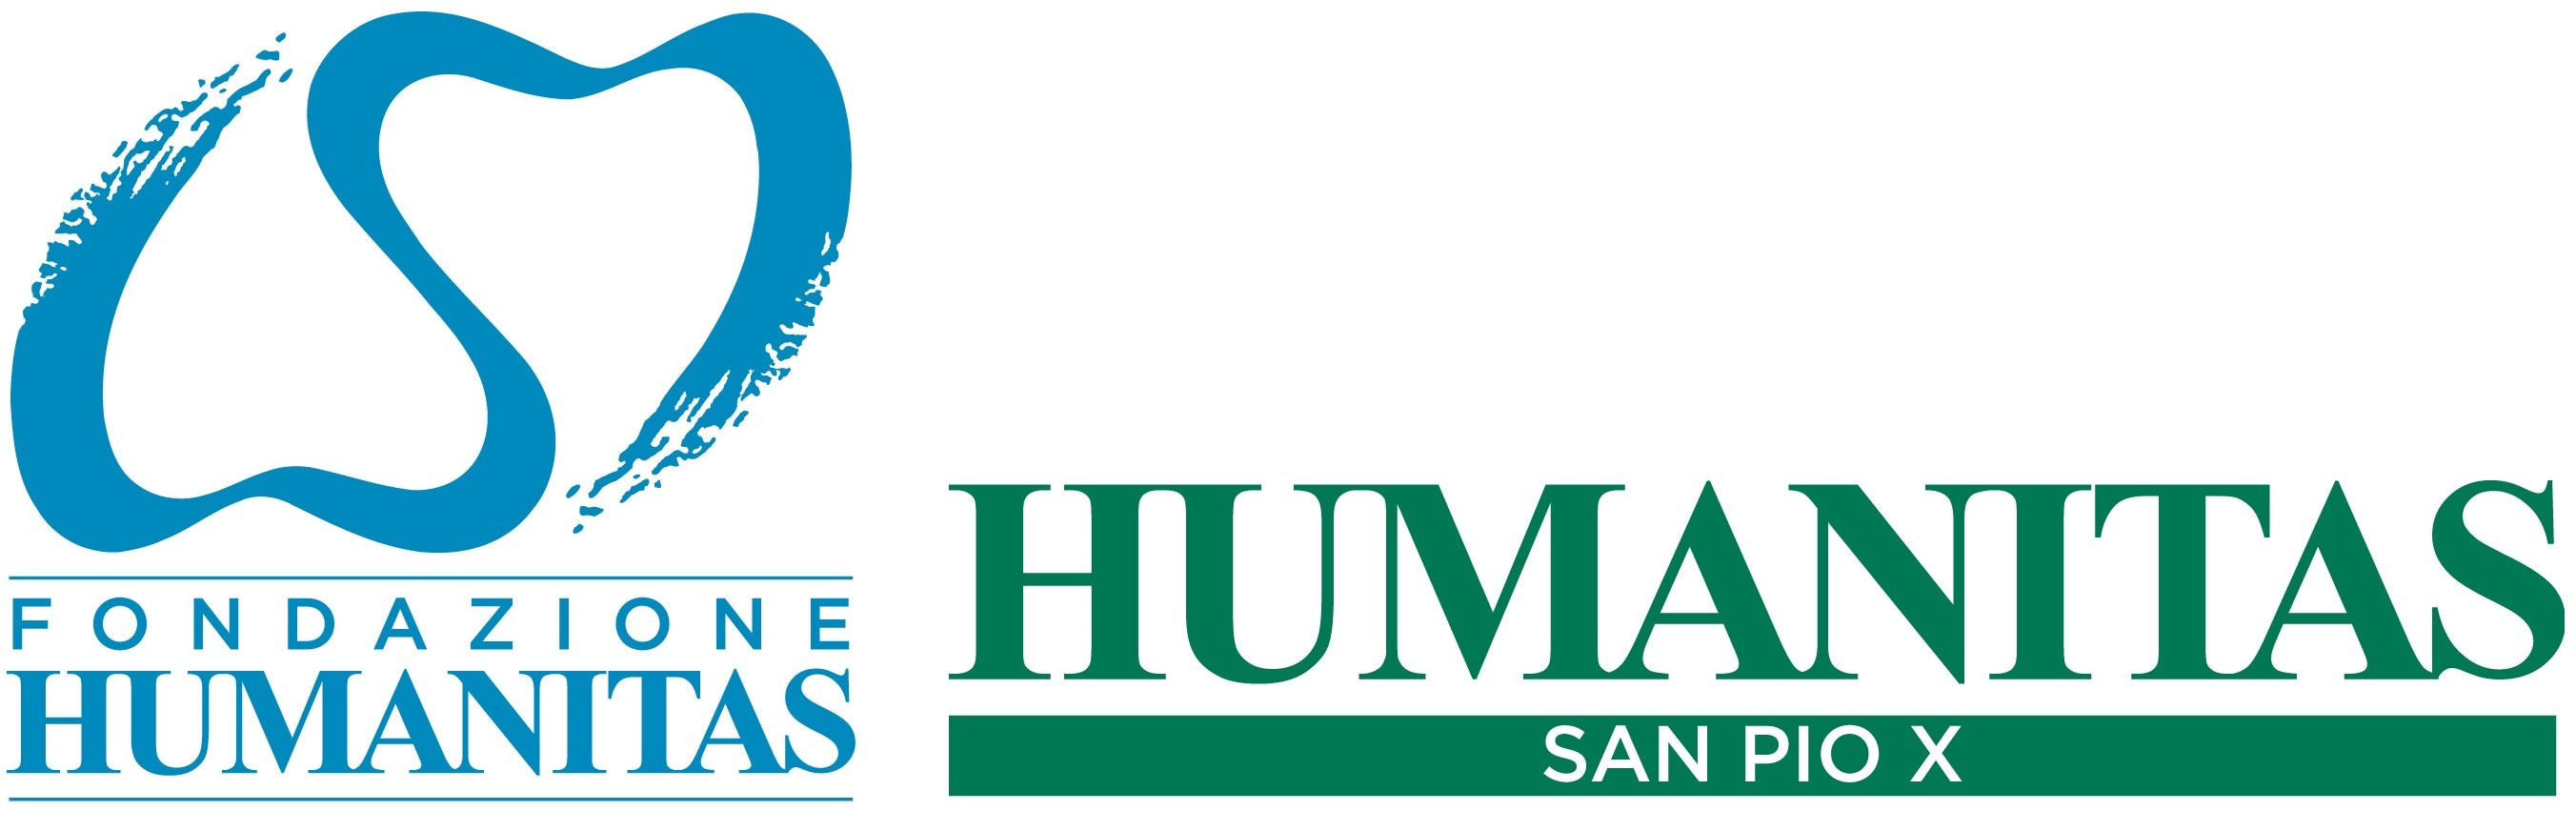 Fondazione Humanitas e Humanitas San Pio X